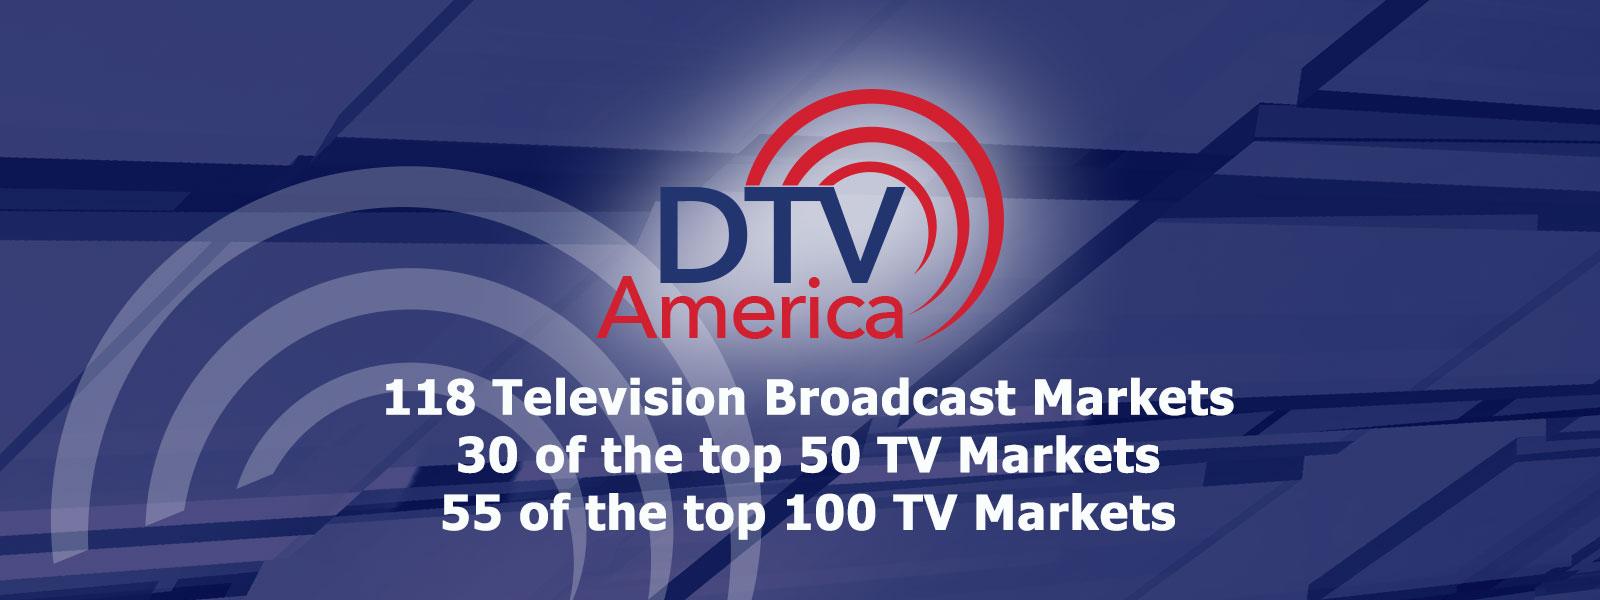 DTV_slider3-